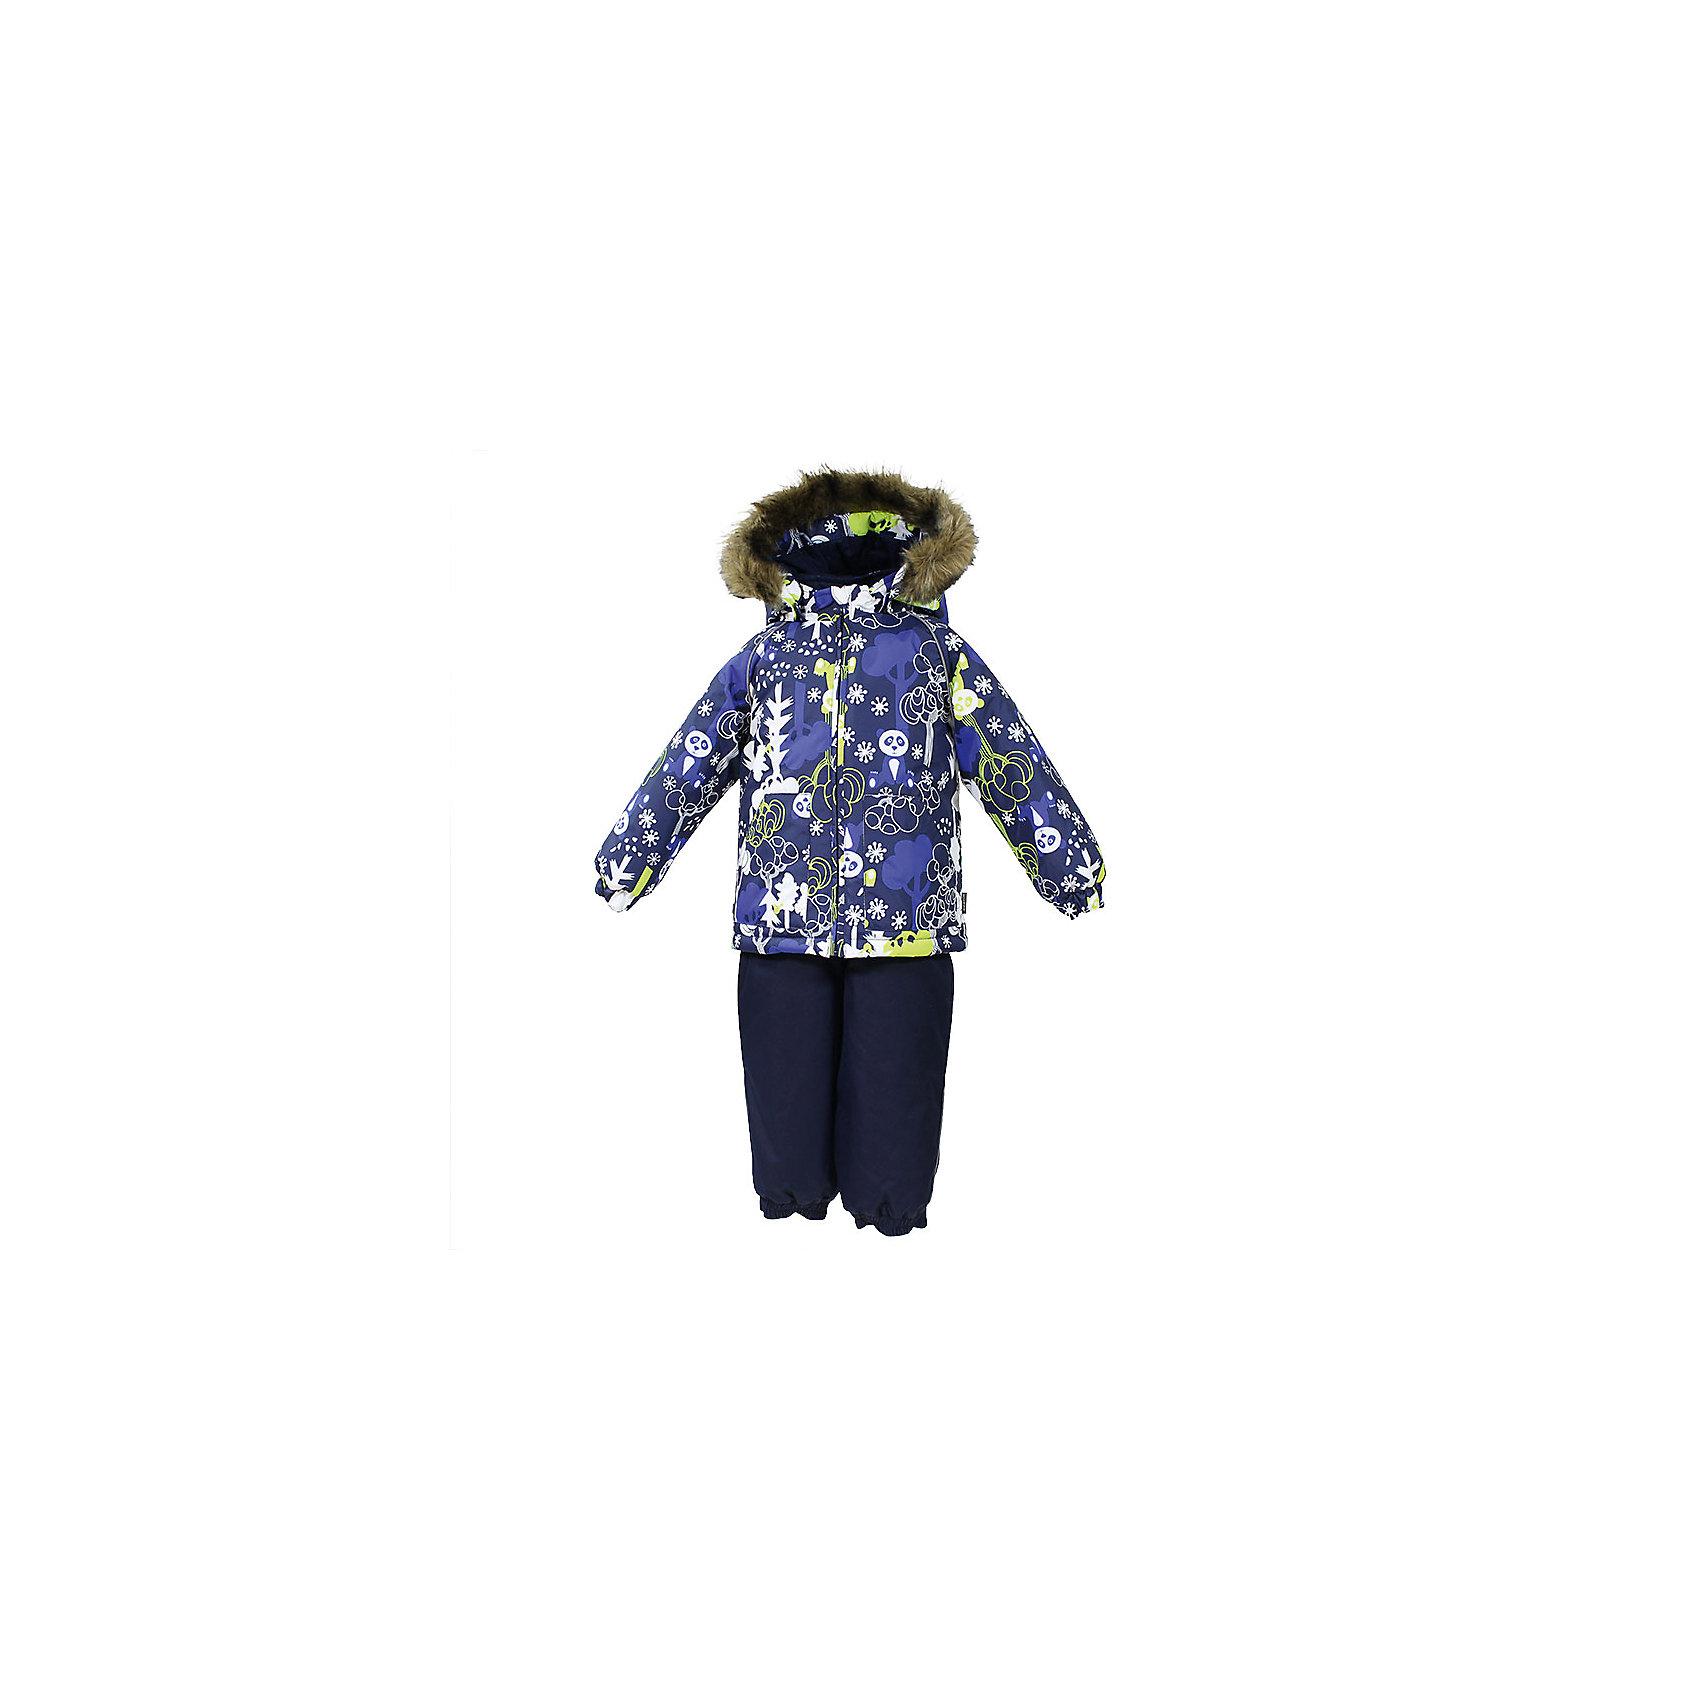 Комплект: куртка и брюки AVERY HuppaКомплекты<br>Комплект для малышей  AVERY.Водо и воздухонепроницаемость 5 000 куртка / 10 000 брюки. Утеплитель 300 гр куртка/160 гр брюки. Подкладка фланель 100% хлопок.Отстегивающийся капюшон с мехом.Манжеты рукавов на резинке. Манжеты брюк на резинке.Добавлены петли для ступней.Резиновые подтяжки.Имеются светоотражательные элементы.<br>Состав:<br>100% Полиэстер<br><br>Ширина мм: 356<br>Глубина мм: 10<br>Высота мм: 245<br>Вес г: 519<br>Цвет: синий<br>Возраст от месяцев: 36<br>Возраст до месяцев: 48<br>Пол: Унисекс<br>Возраст: Детский<br>Размер: 104,80,86,92,98<br>SKU: 7027042